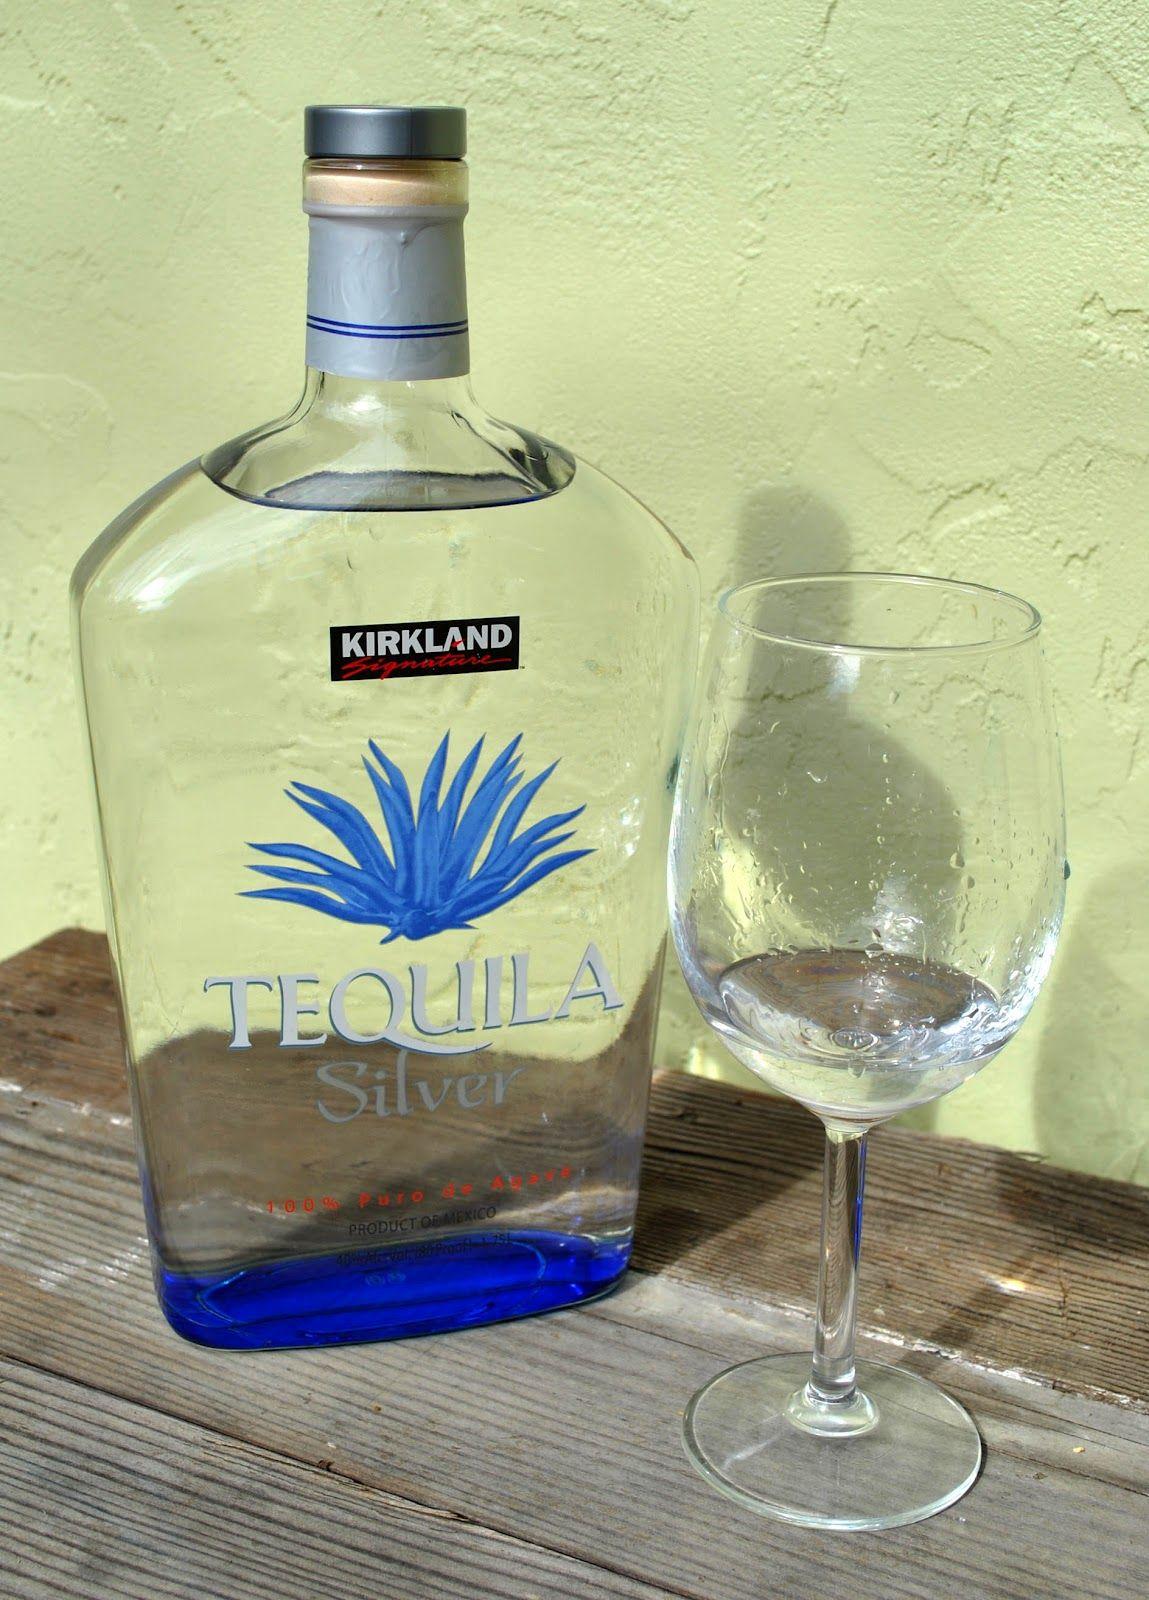 costco blanco tequila wine